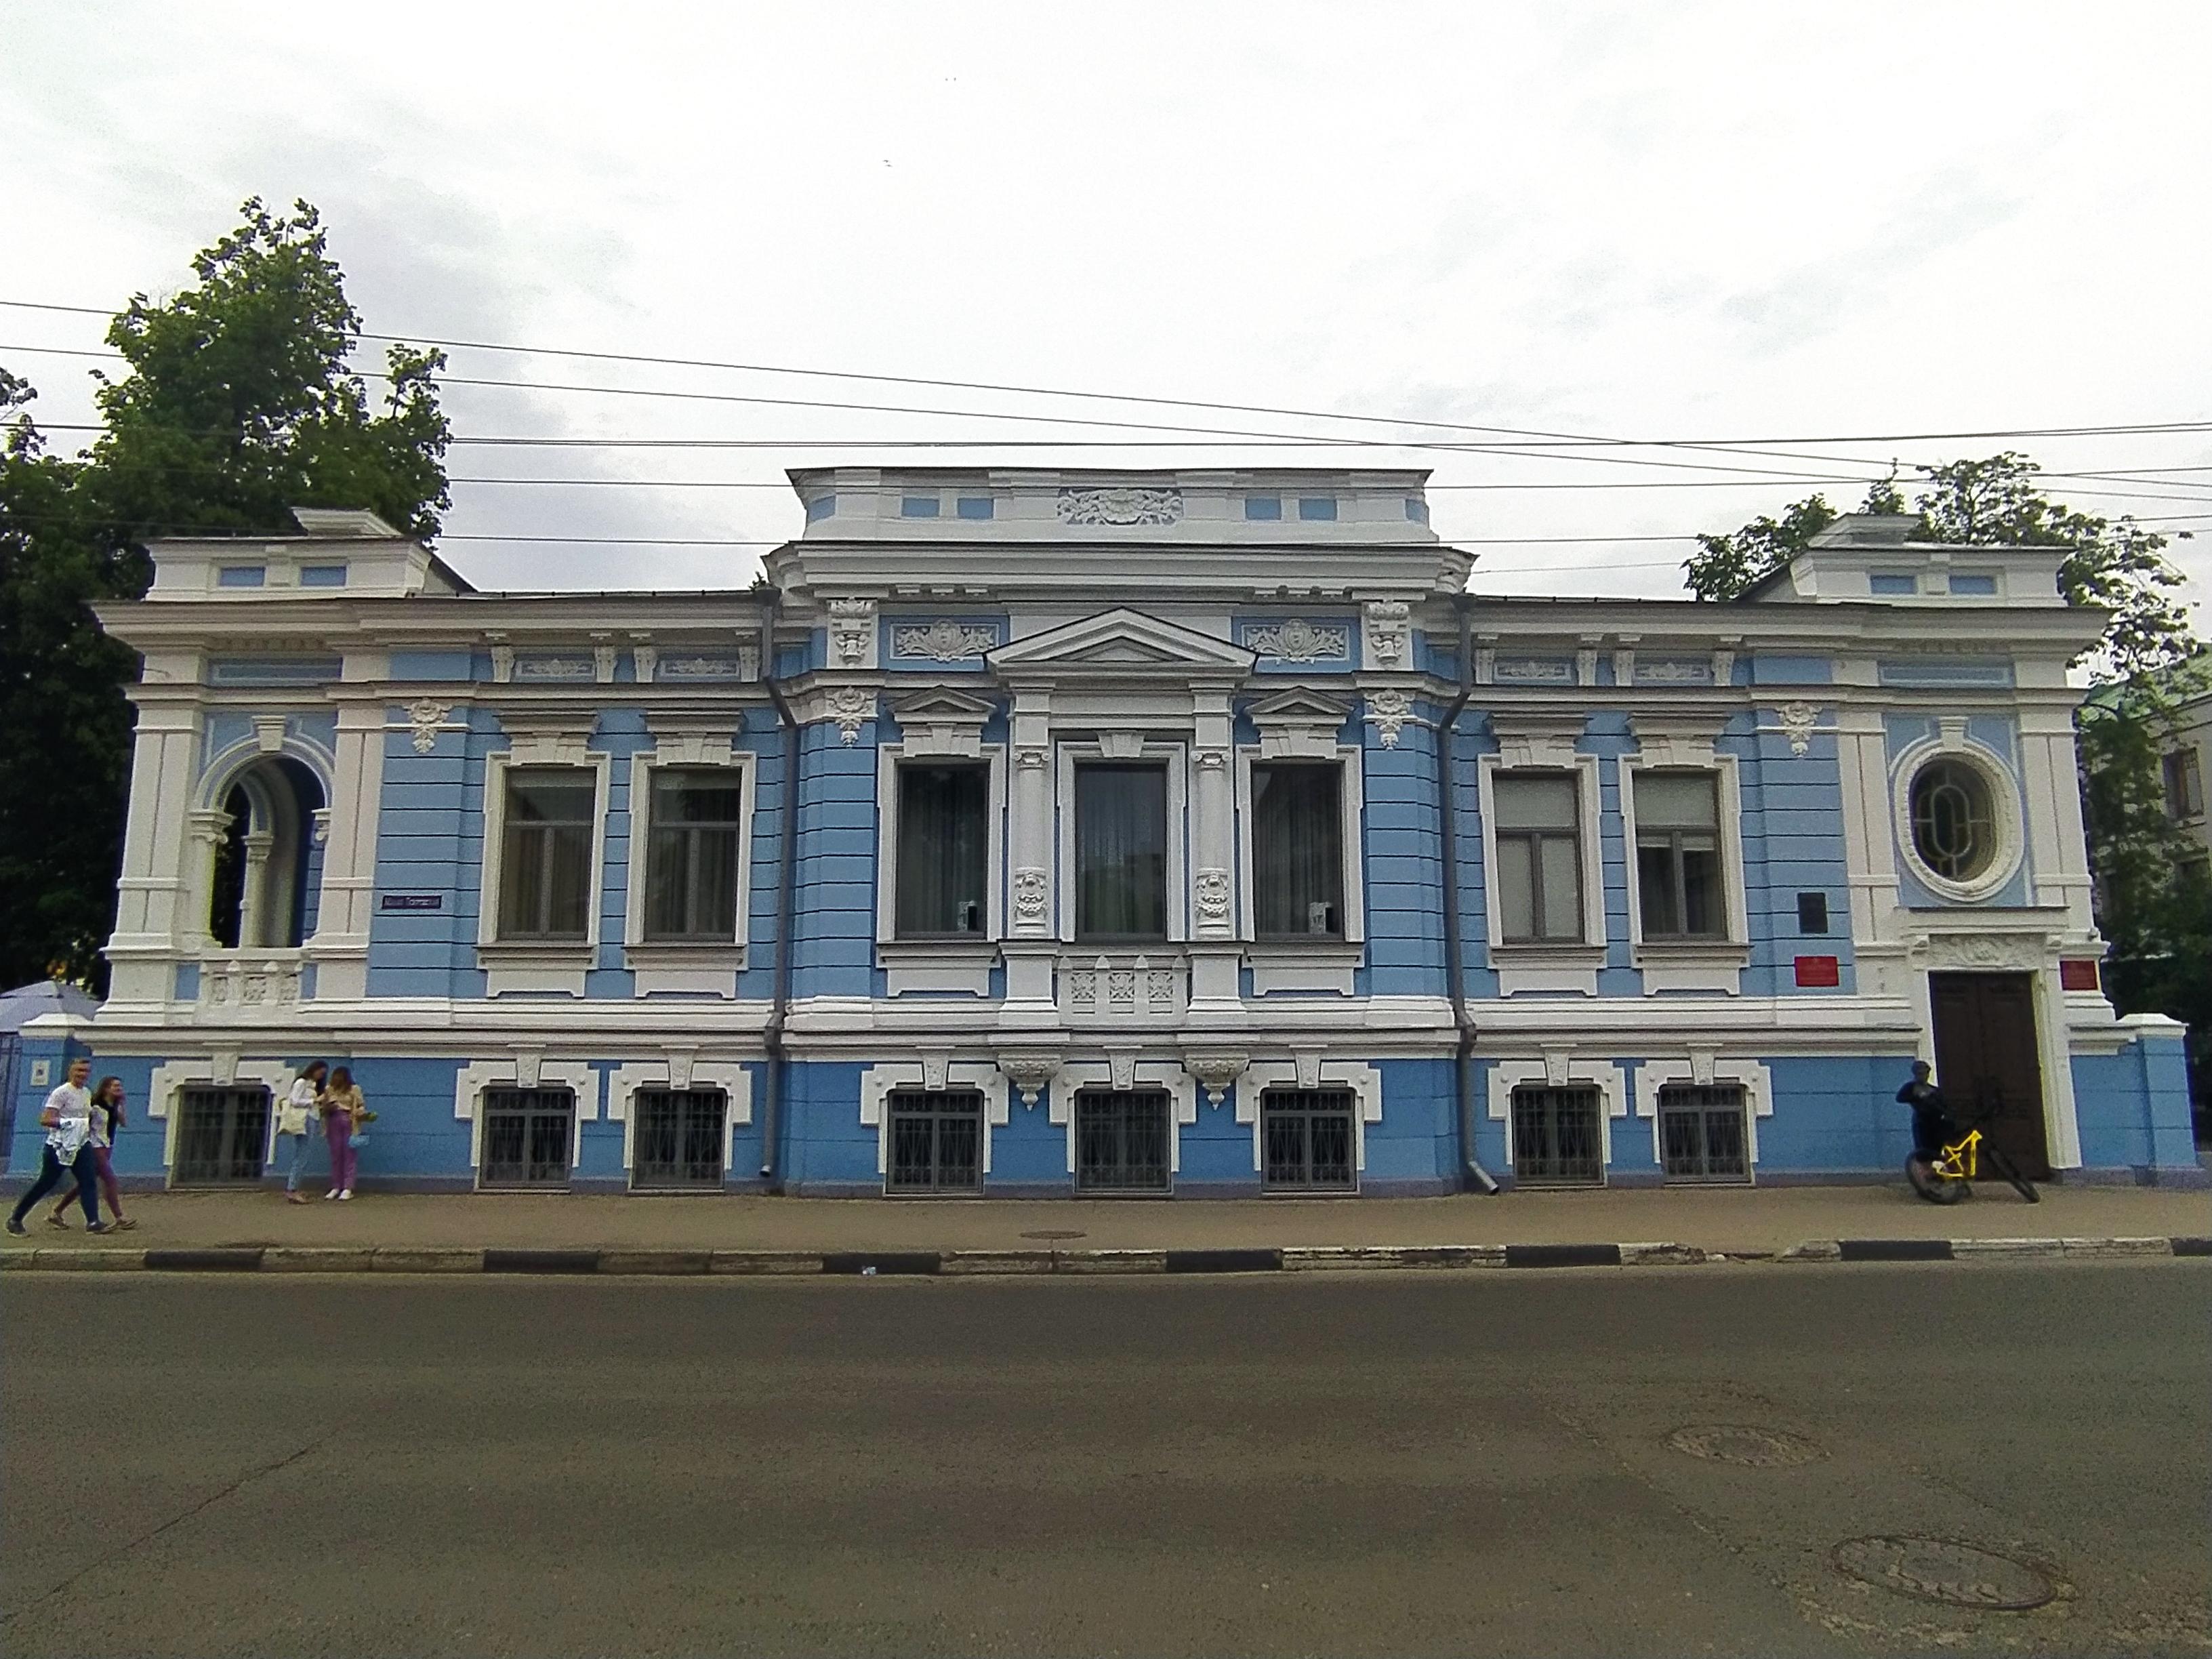 Ильинка 800: Реставрация, реновация и бесшумные трамваи - фото 2